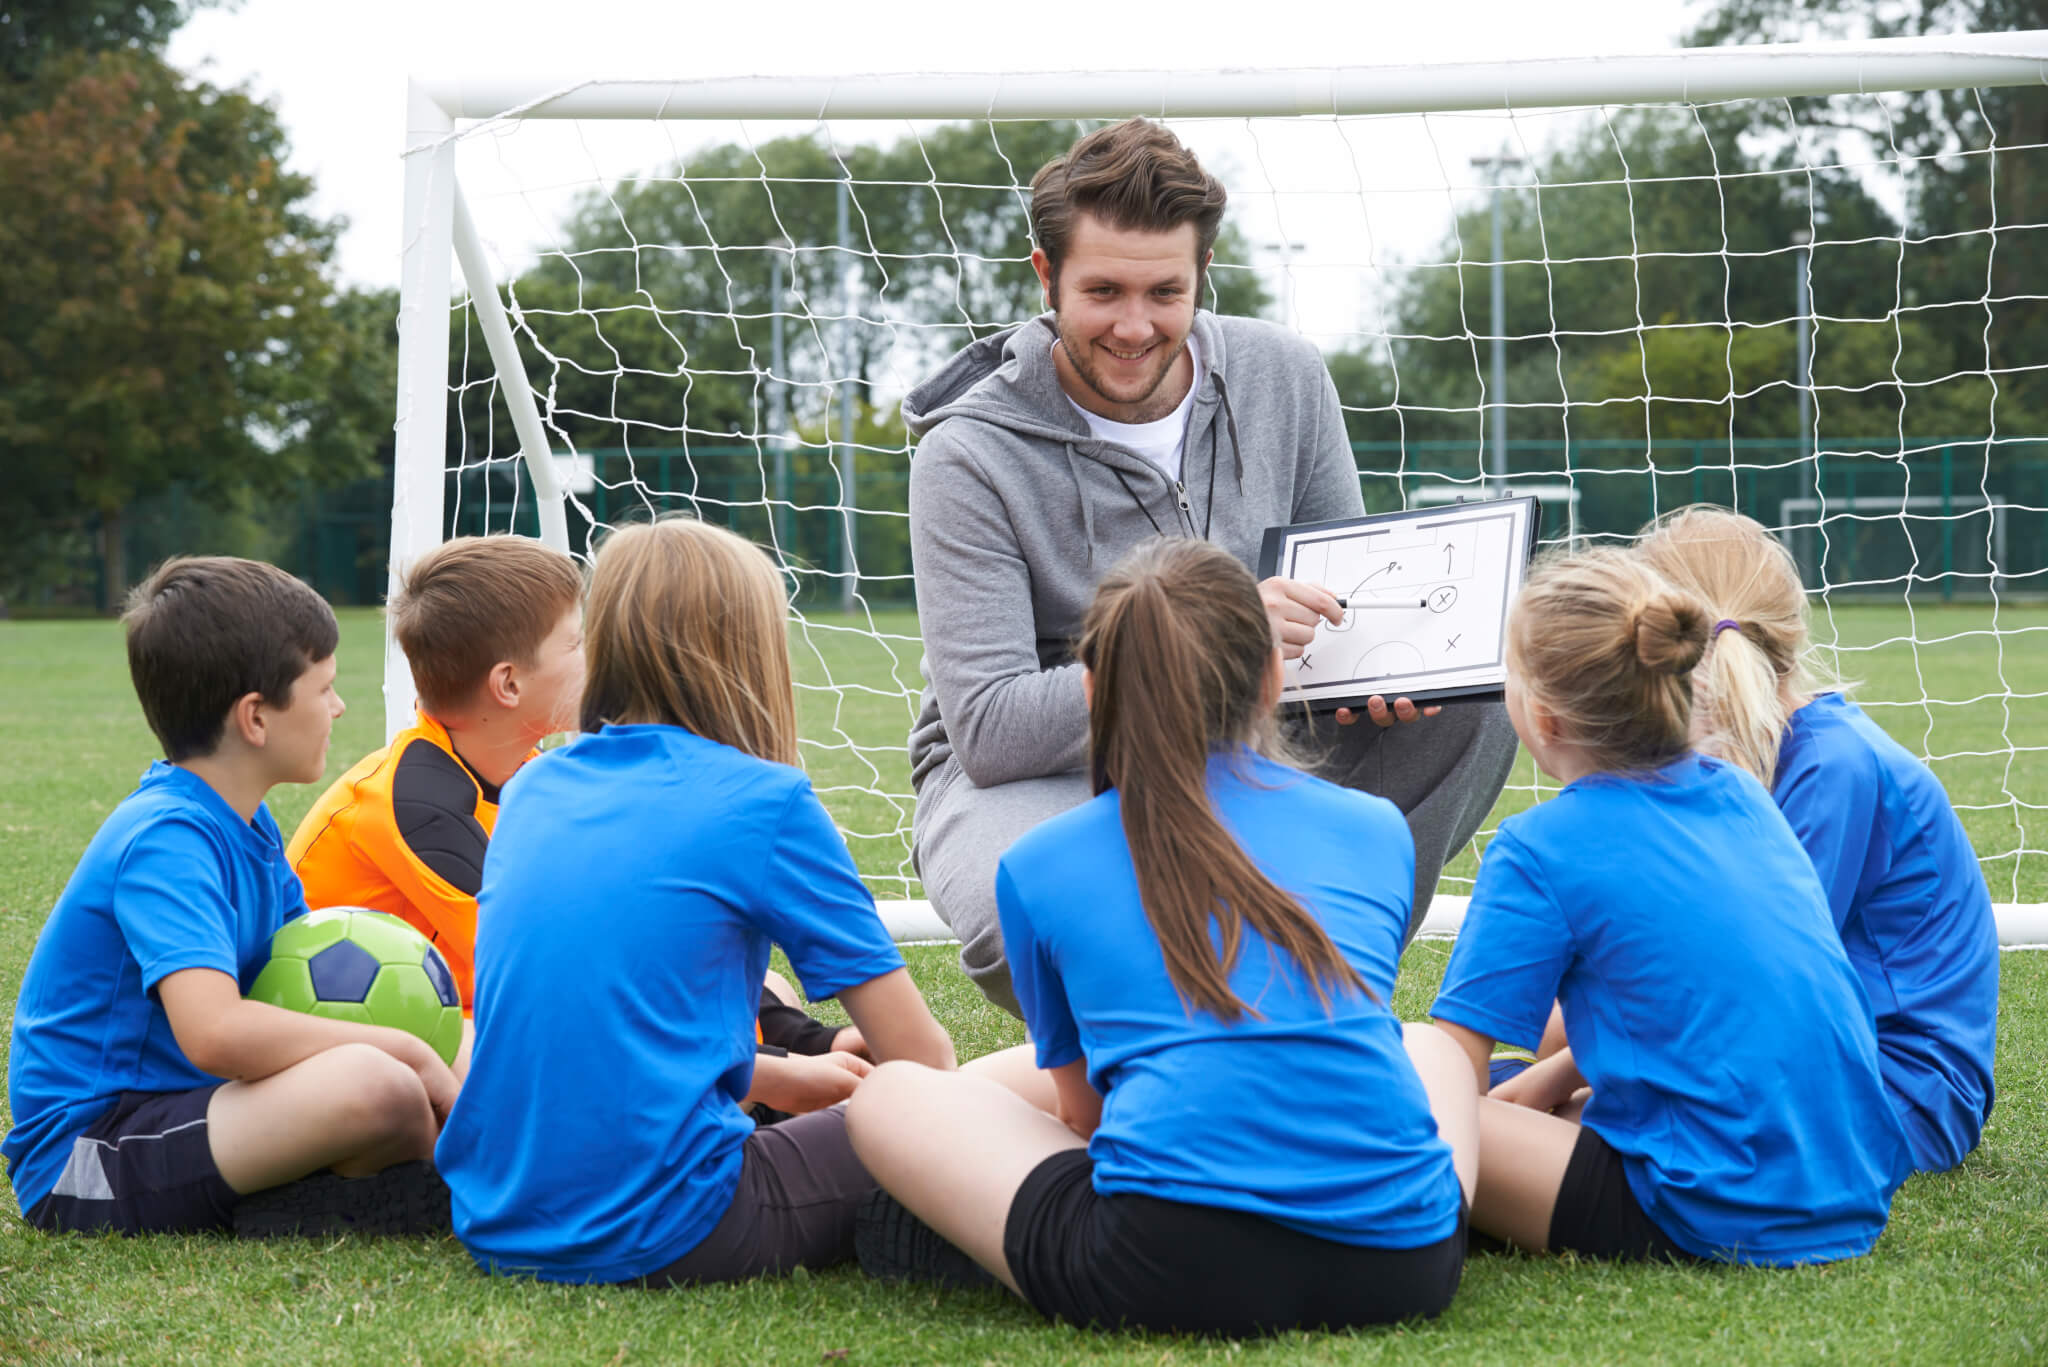 Pedagogia do Esporte: modelos pedagógicos